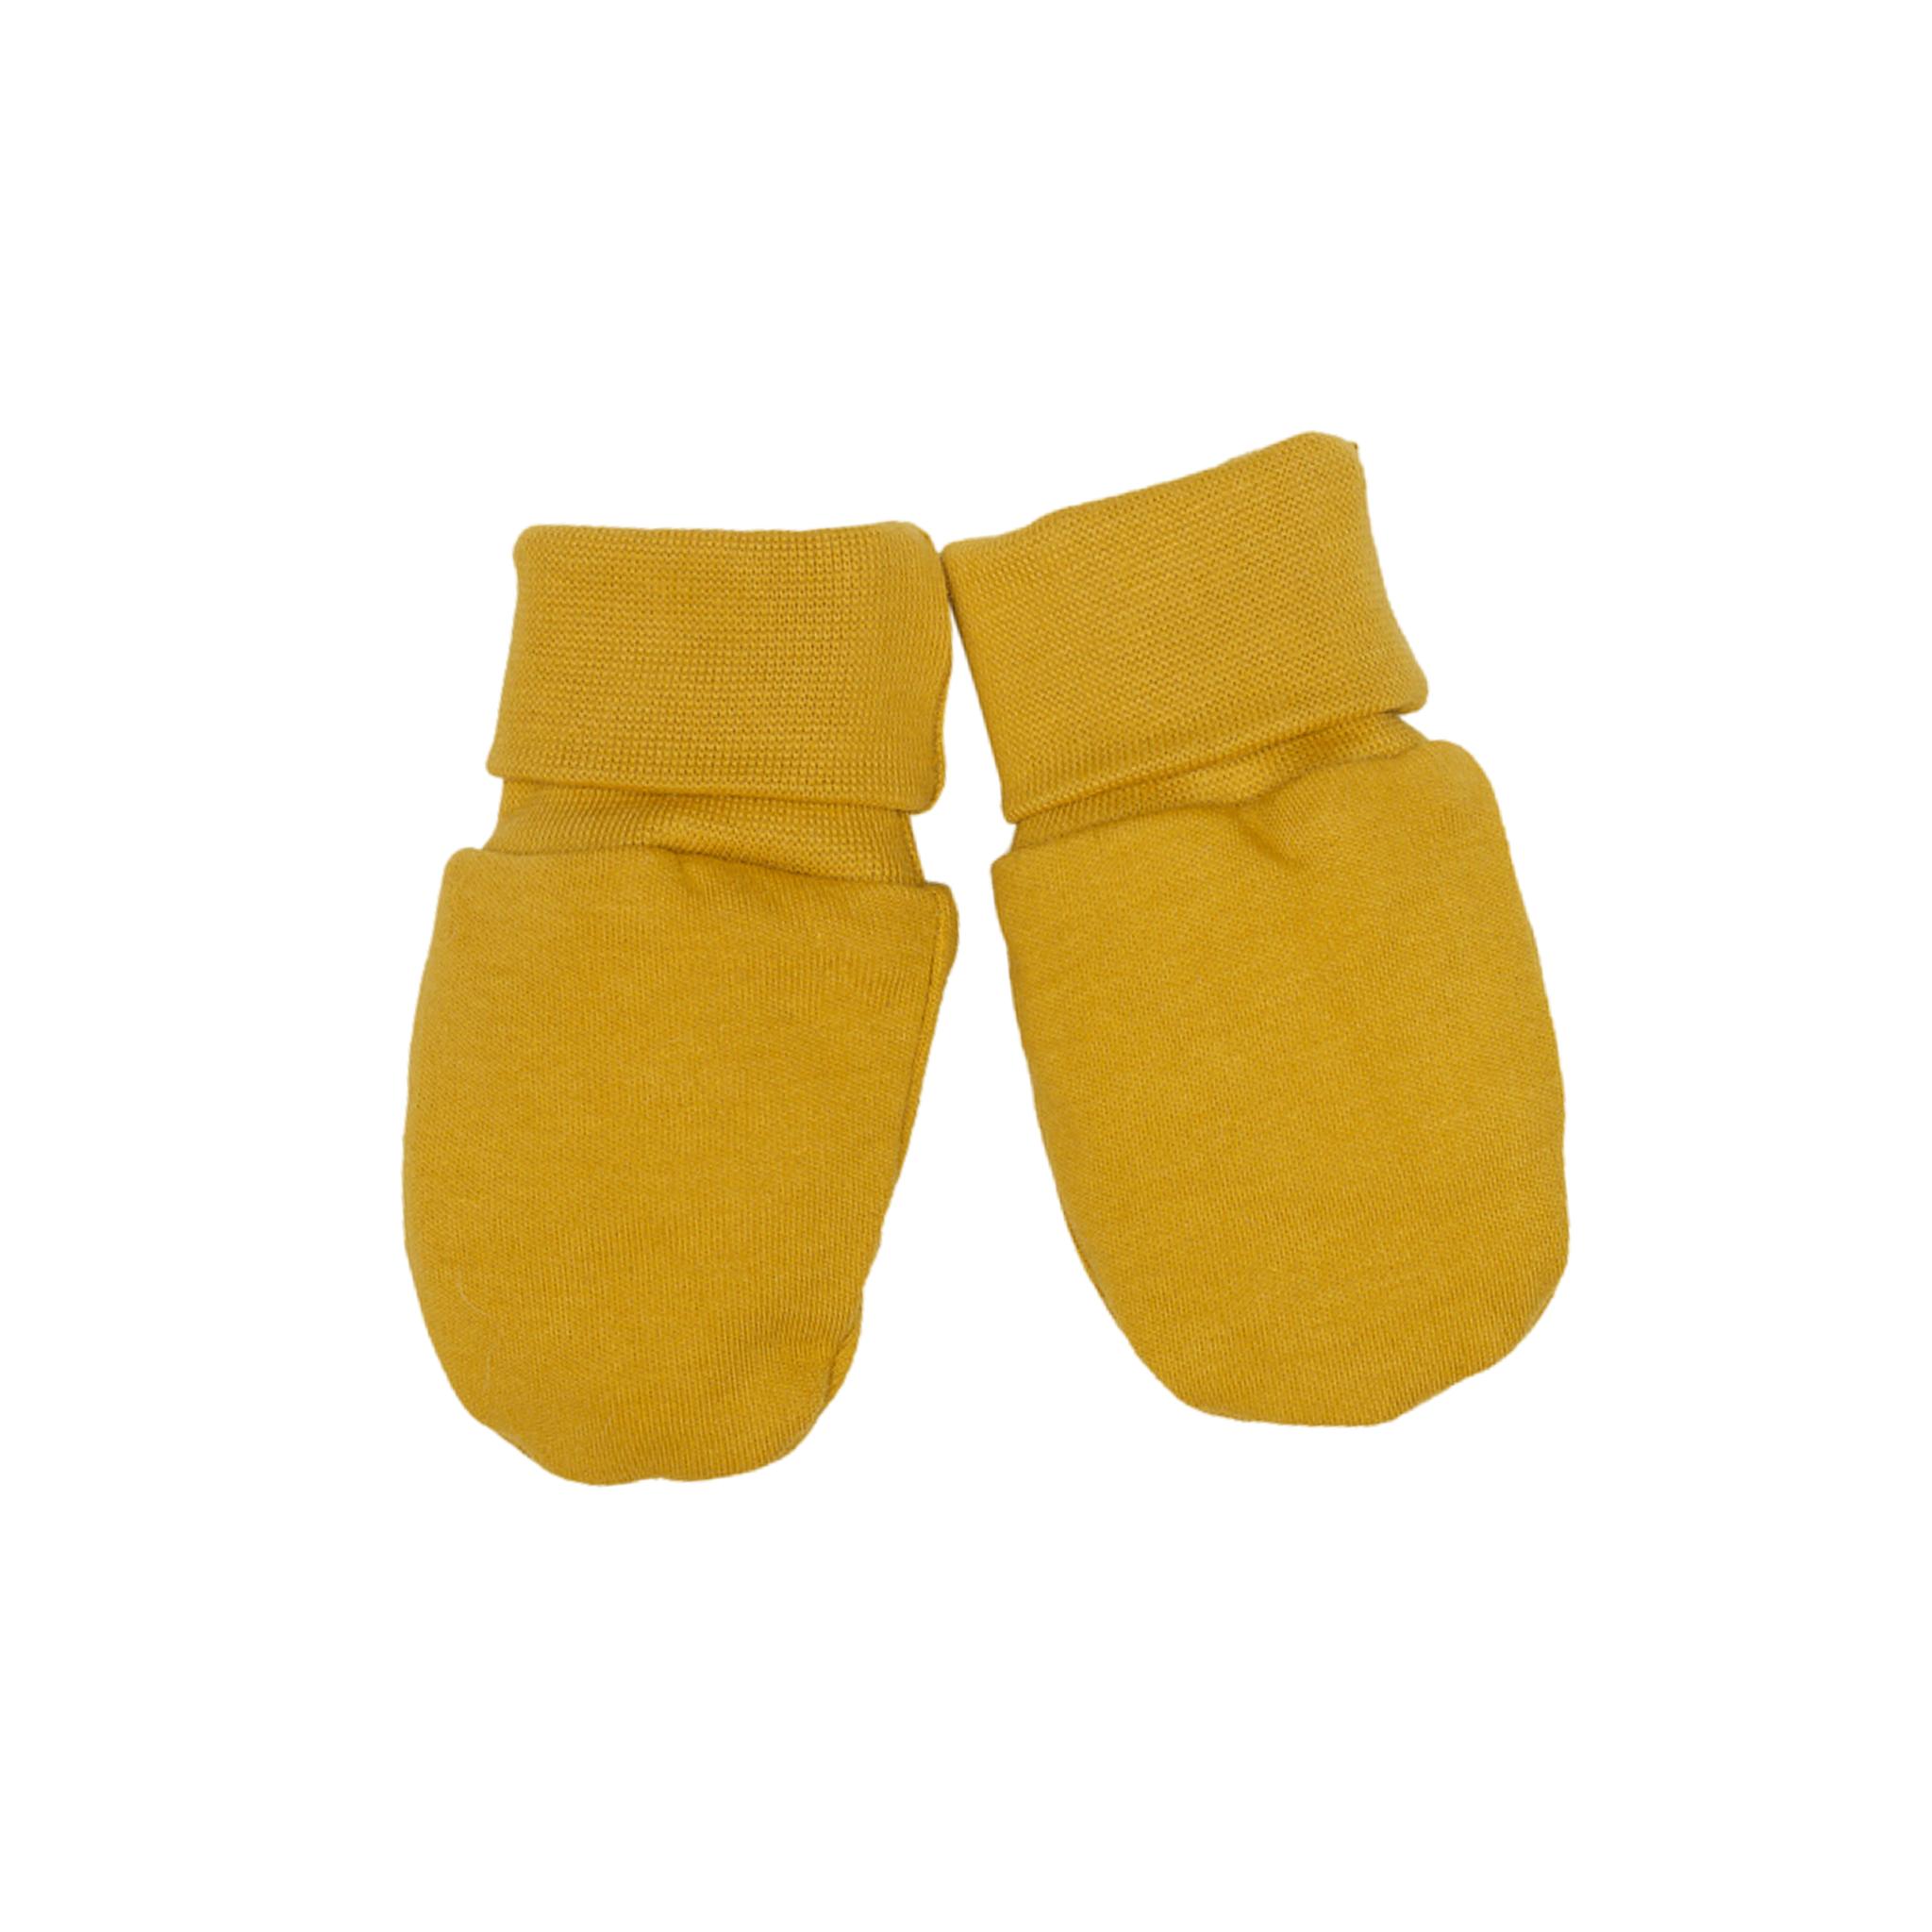 Wooly Organic NEWBORN HANDSCHOENTJES | WANTEN VOOR PASGEBOREN BABY'S